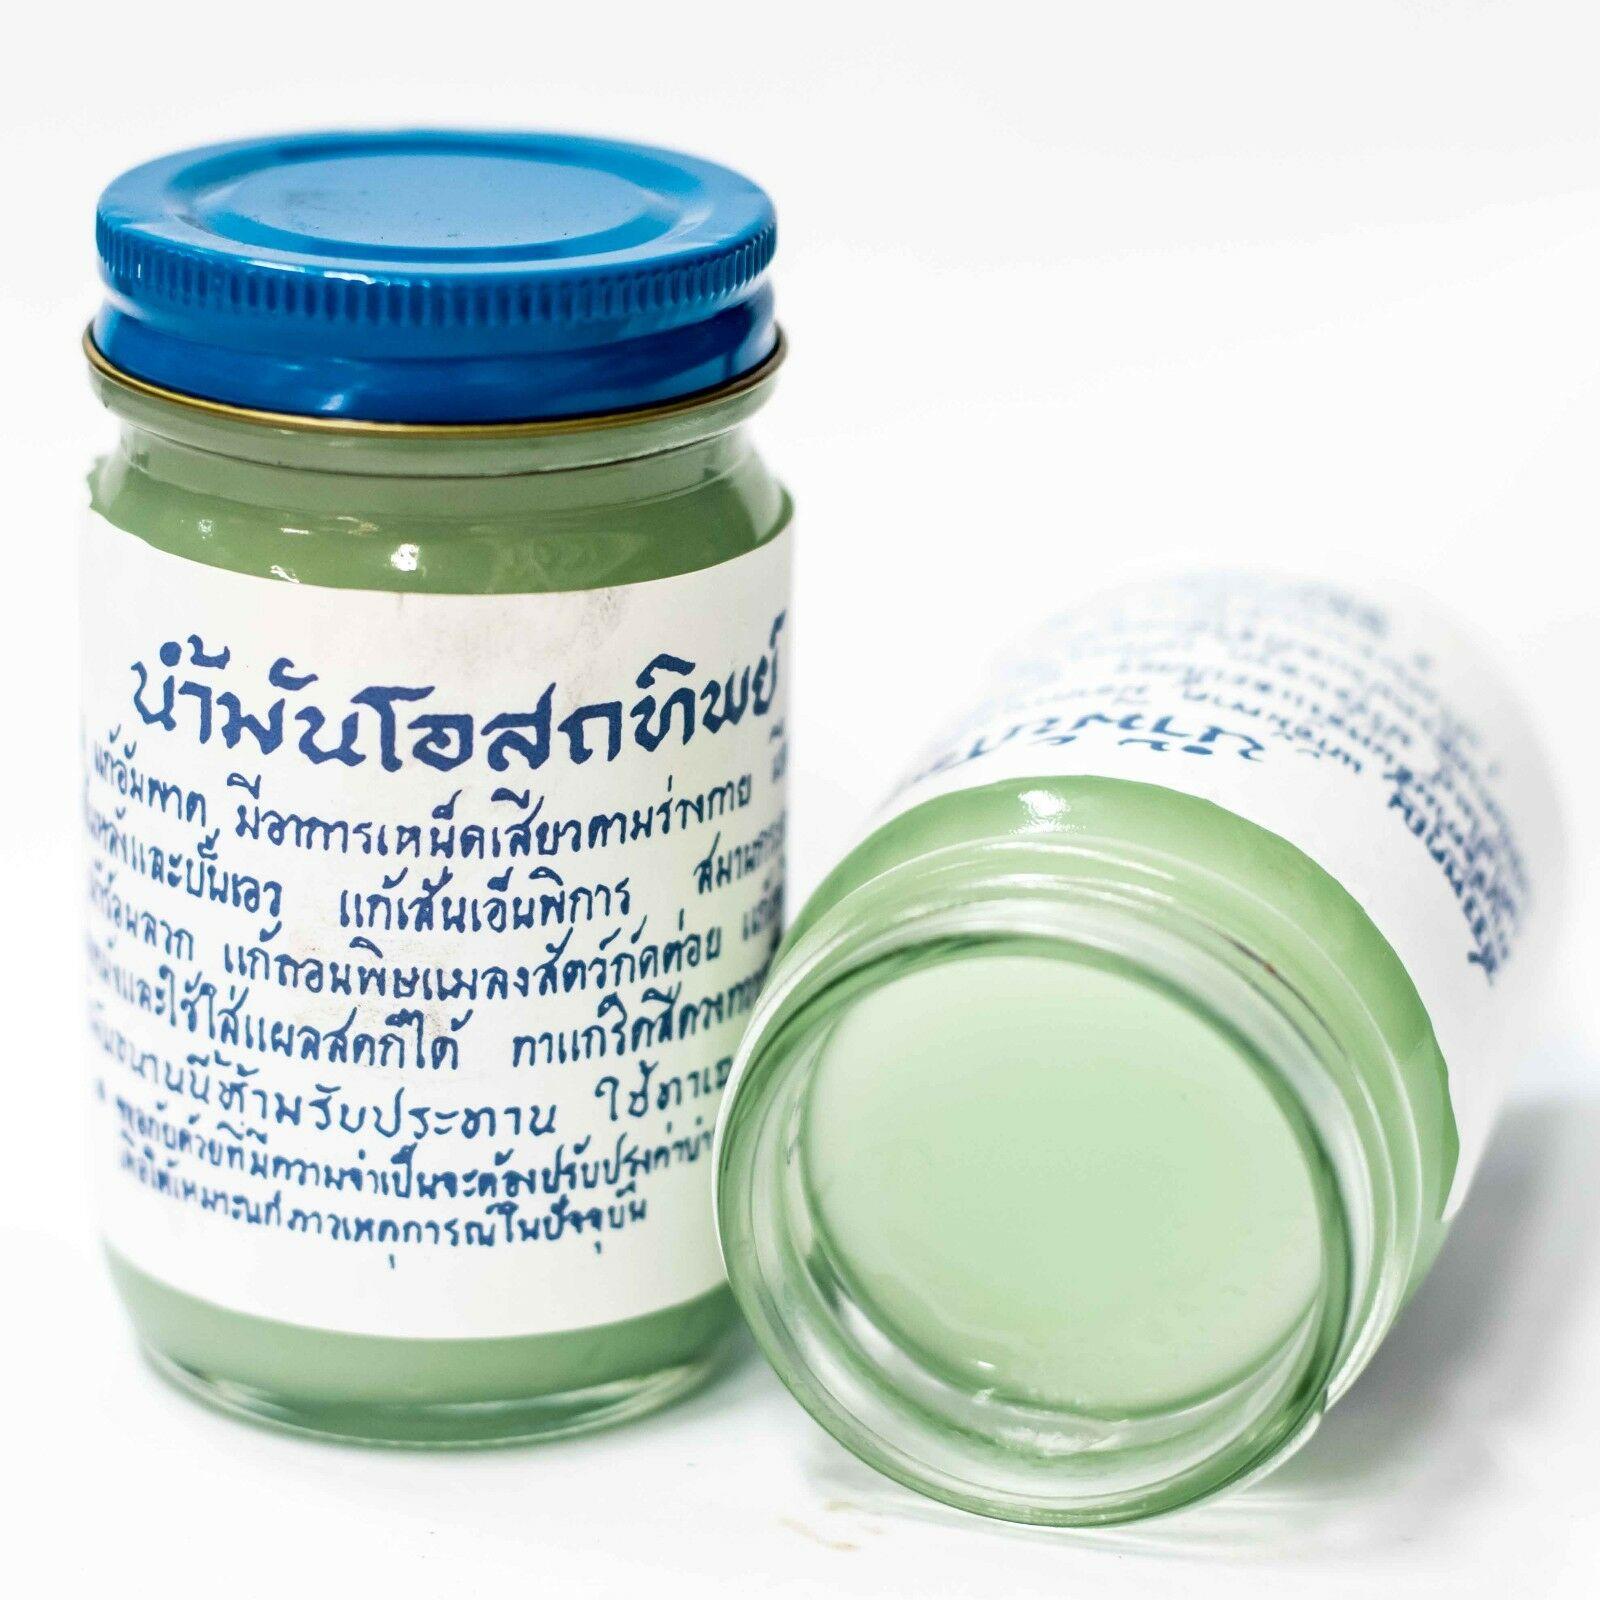 тайские бальзамы описание по цветам картинки или вертикальную